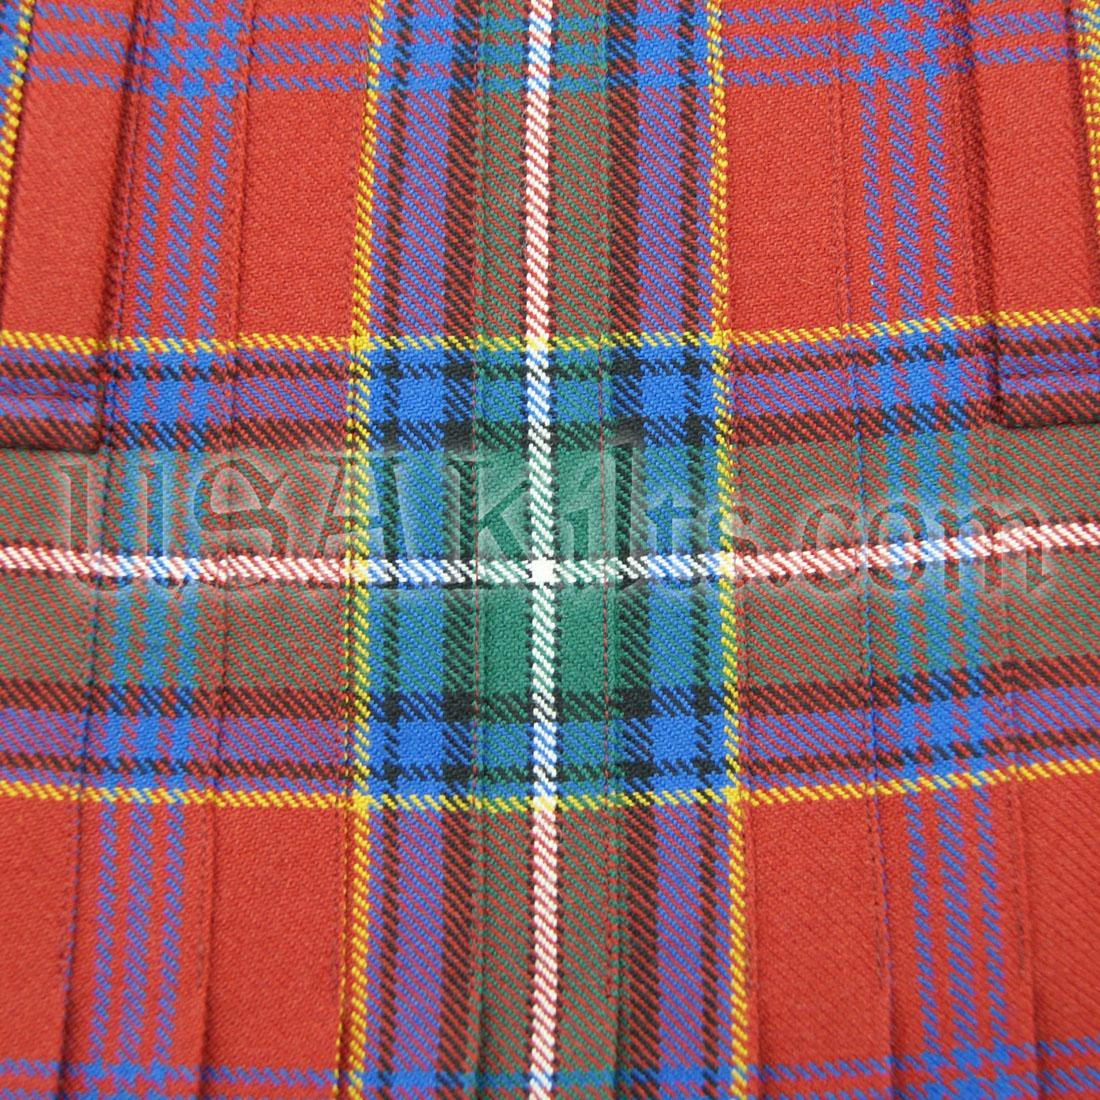 Top Stitched 8 Yard Kilt Pleats